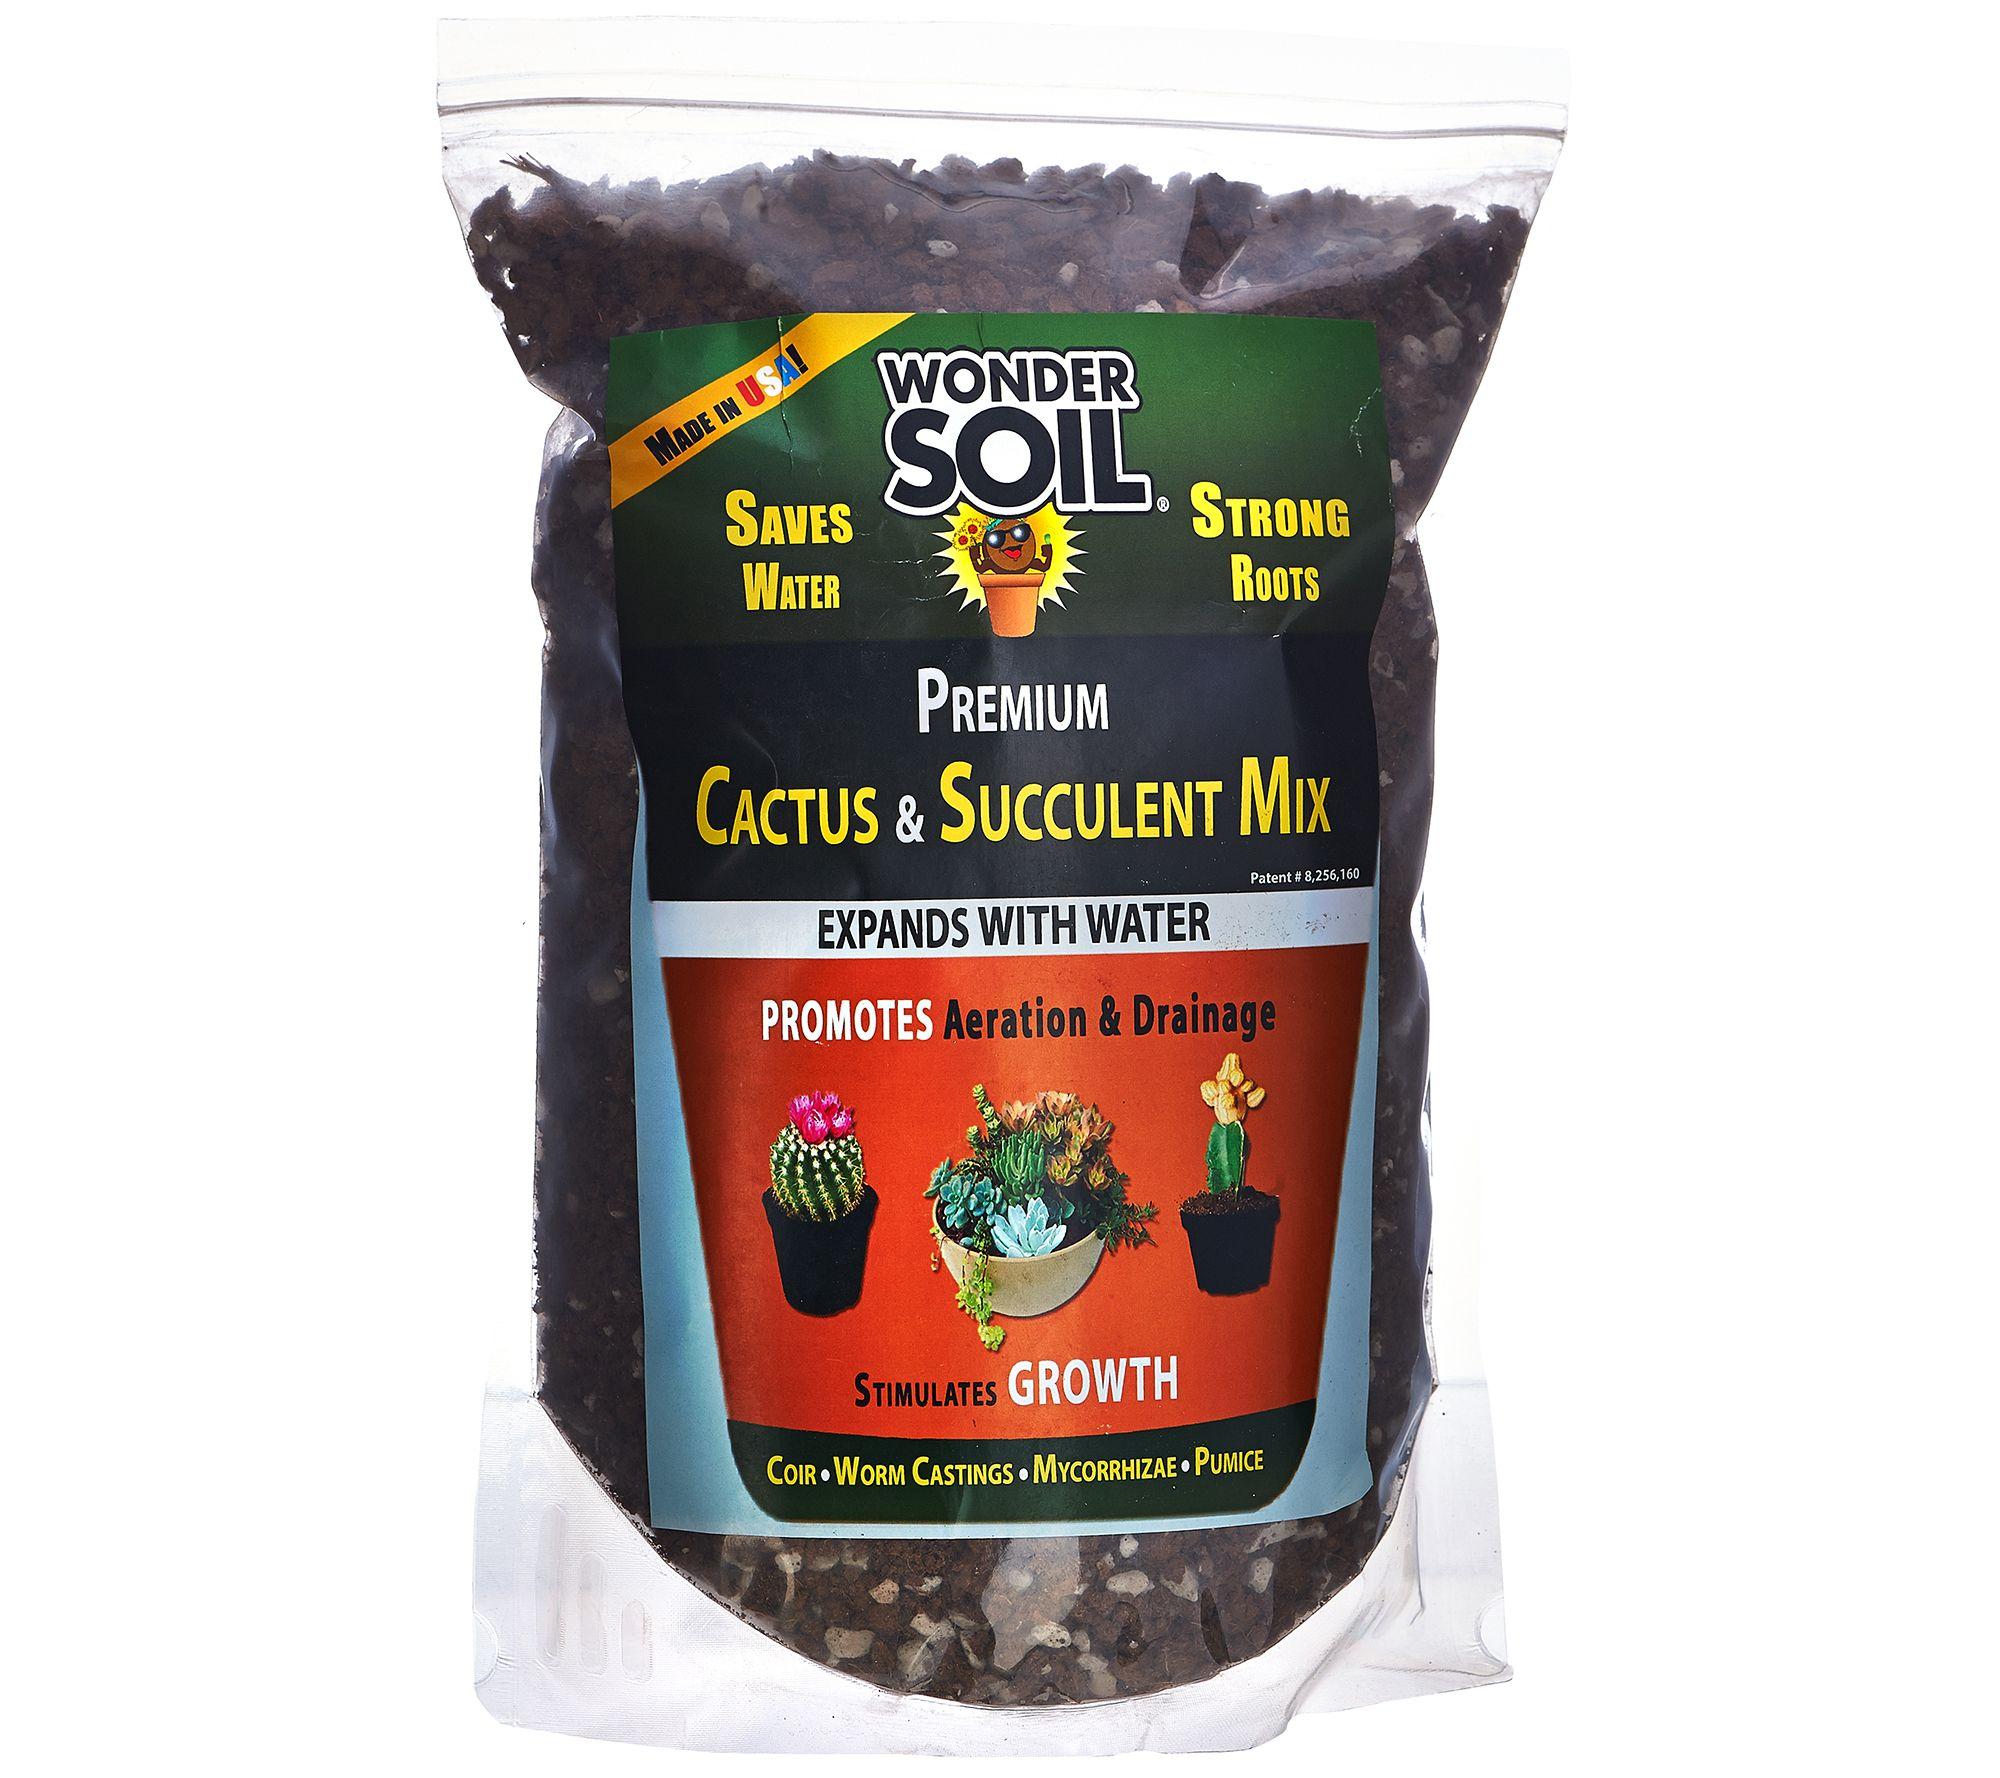 Wonder soil 3lb bag cactus and succulent expanding soil for Is soil a mixture